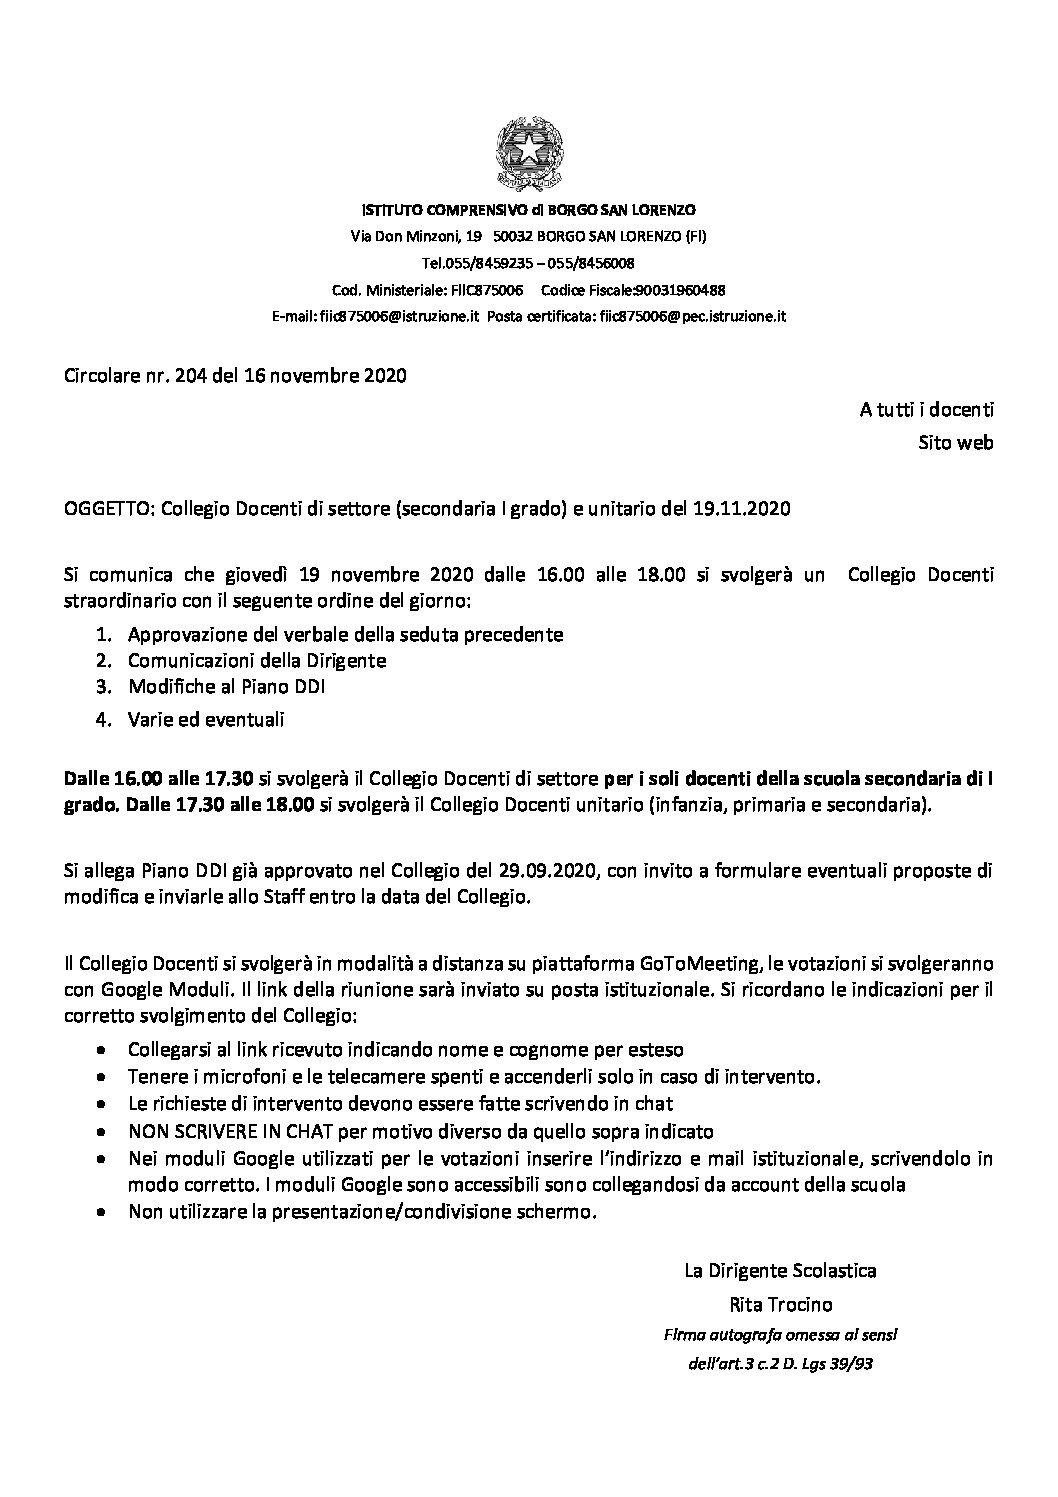 Circ. 204 – Collegio Docenti di settore (secondaria I grado) e unitario del 19.11.2020